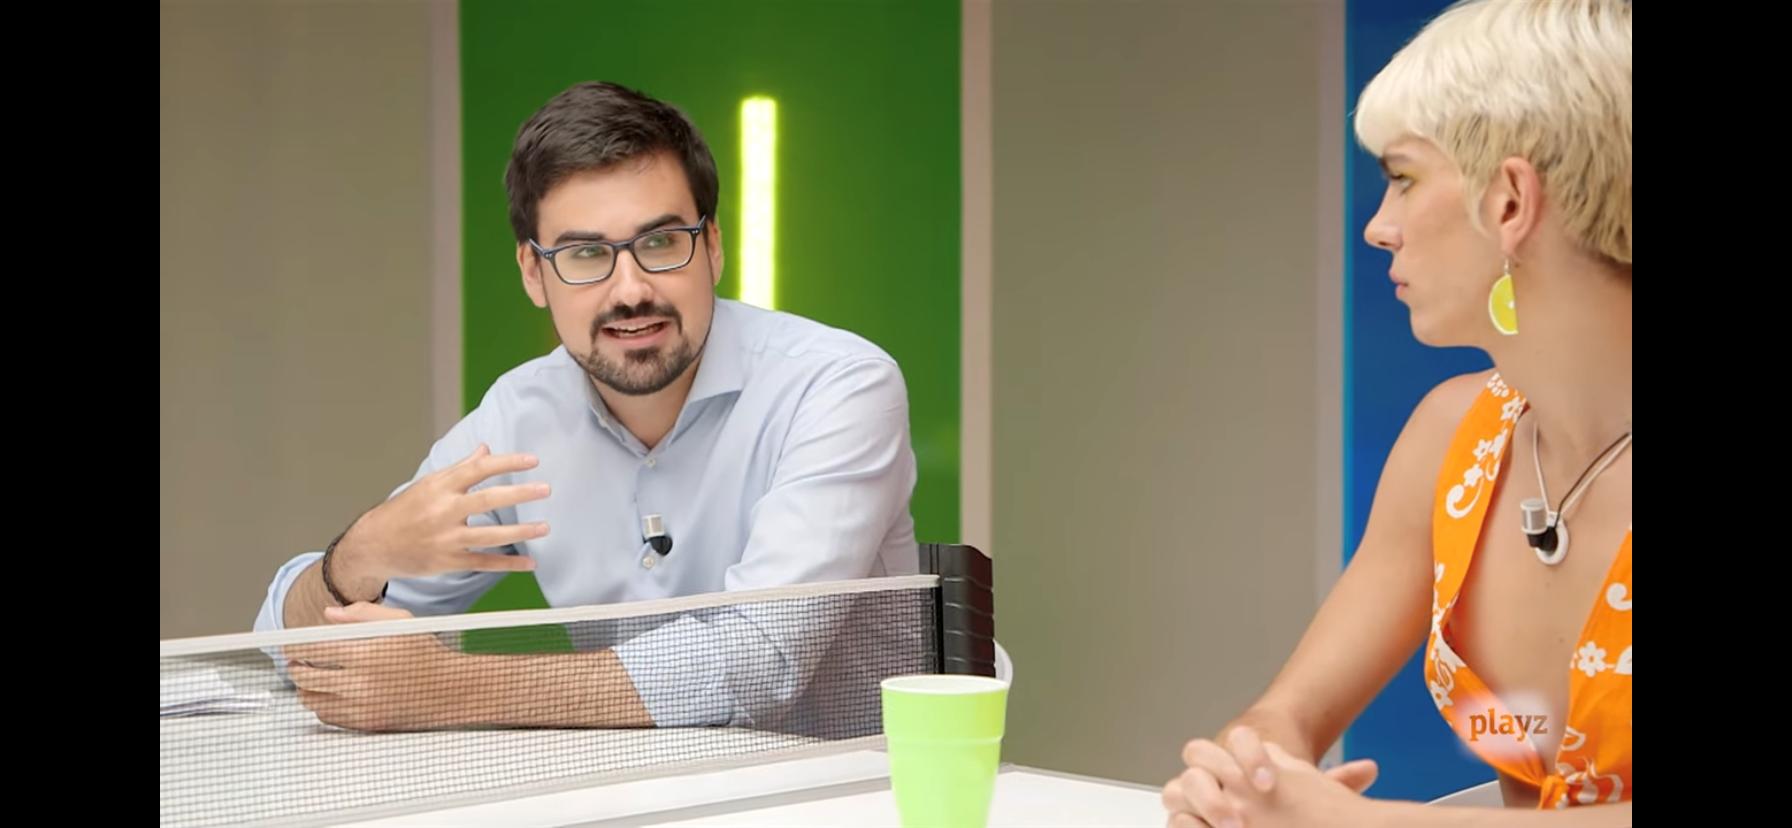 Guillermo del Valle, en un debate del canal juvenil Playz.